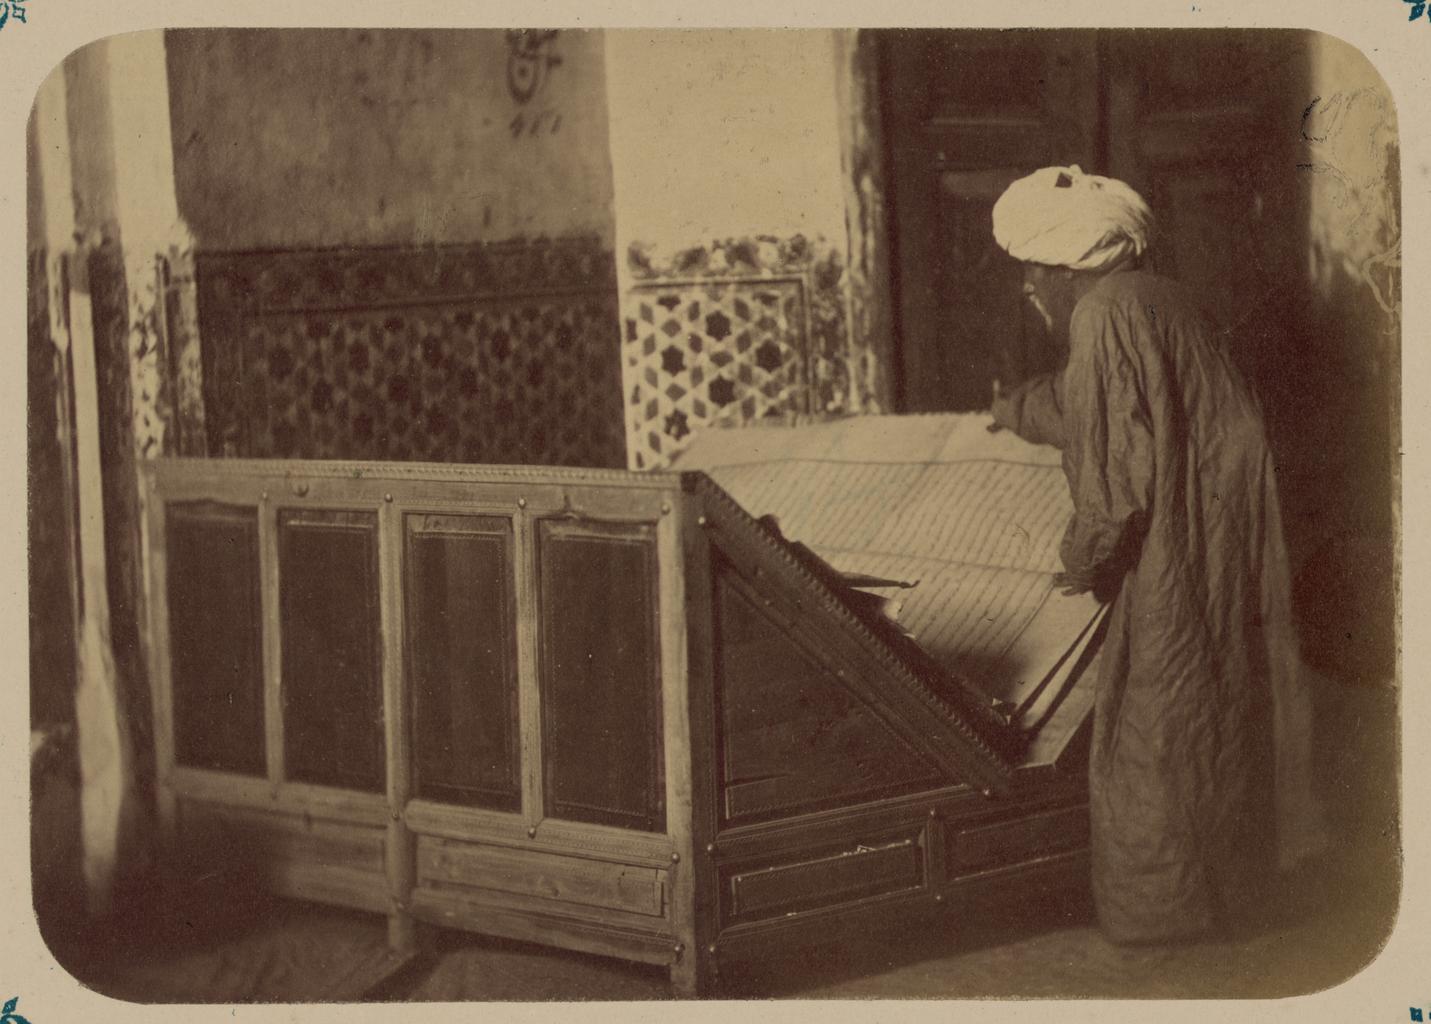 Мечеть (ханака) Шах-Зиндэ. Пюпитр с Кораном, пожертвованным бухарским эмиром Насруллой